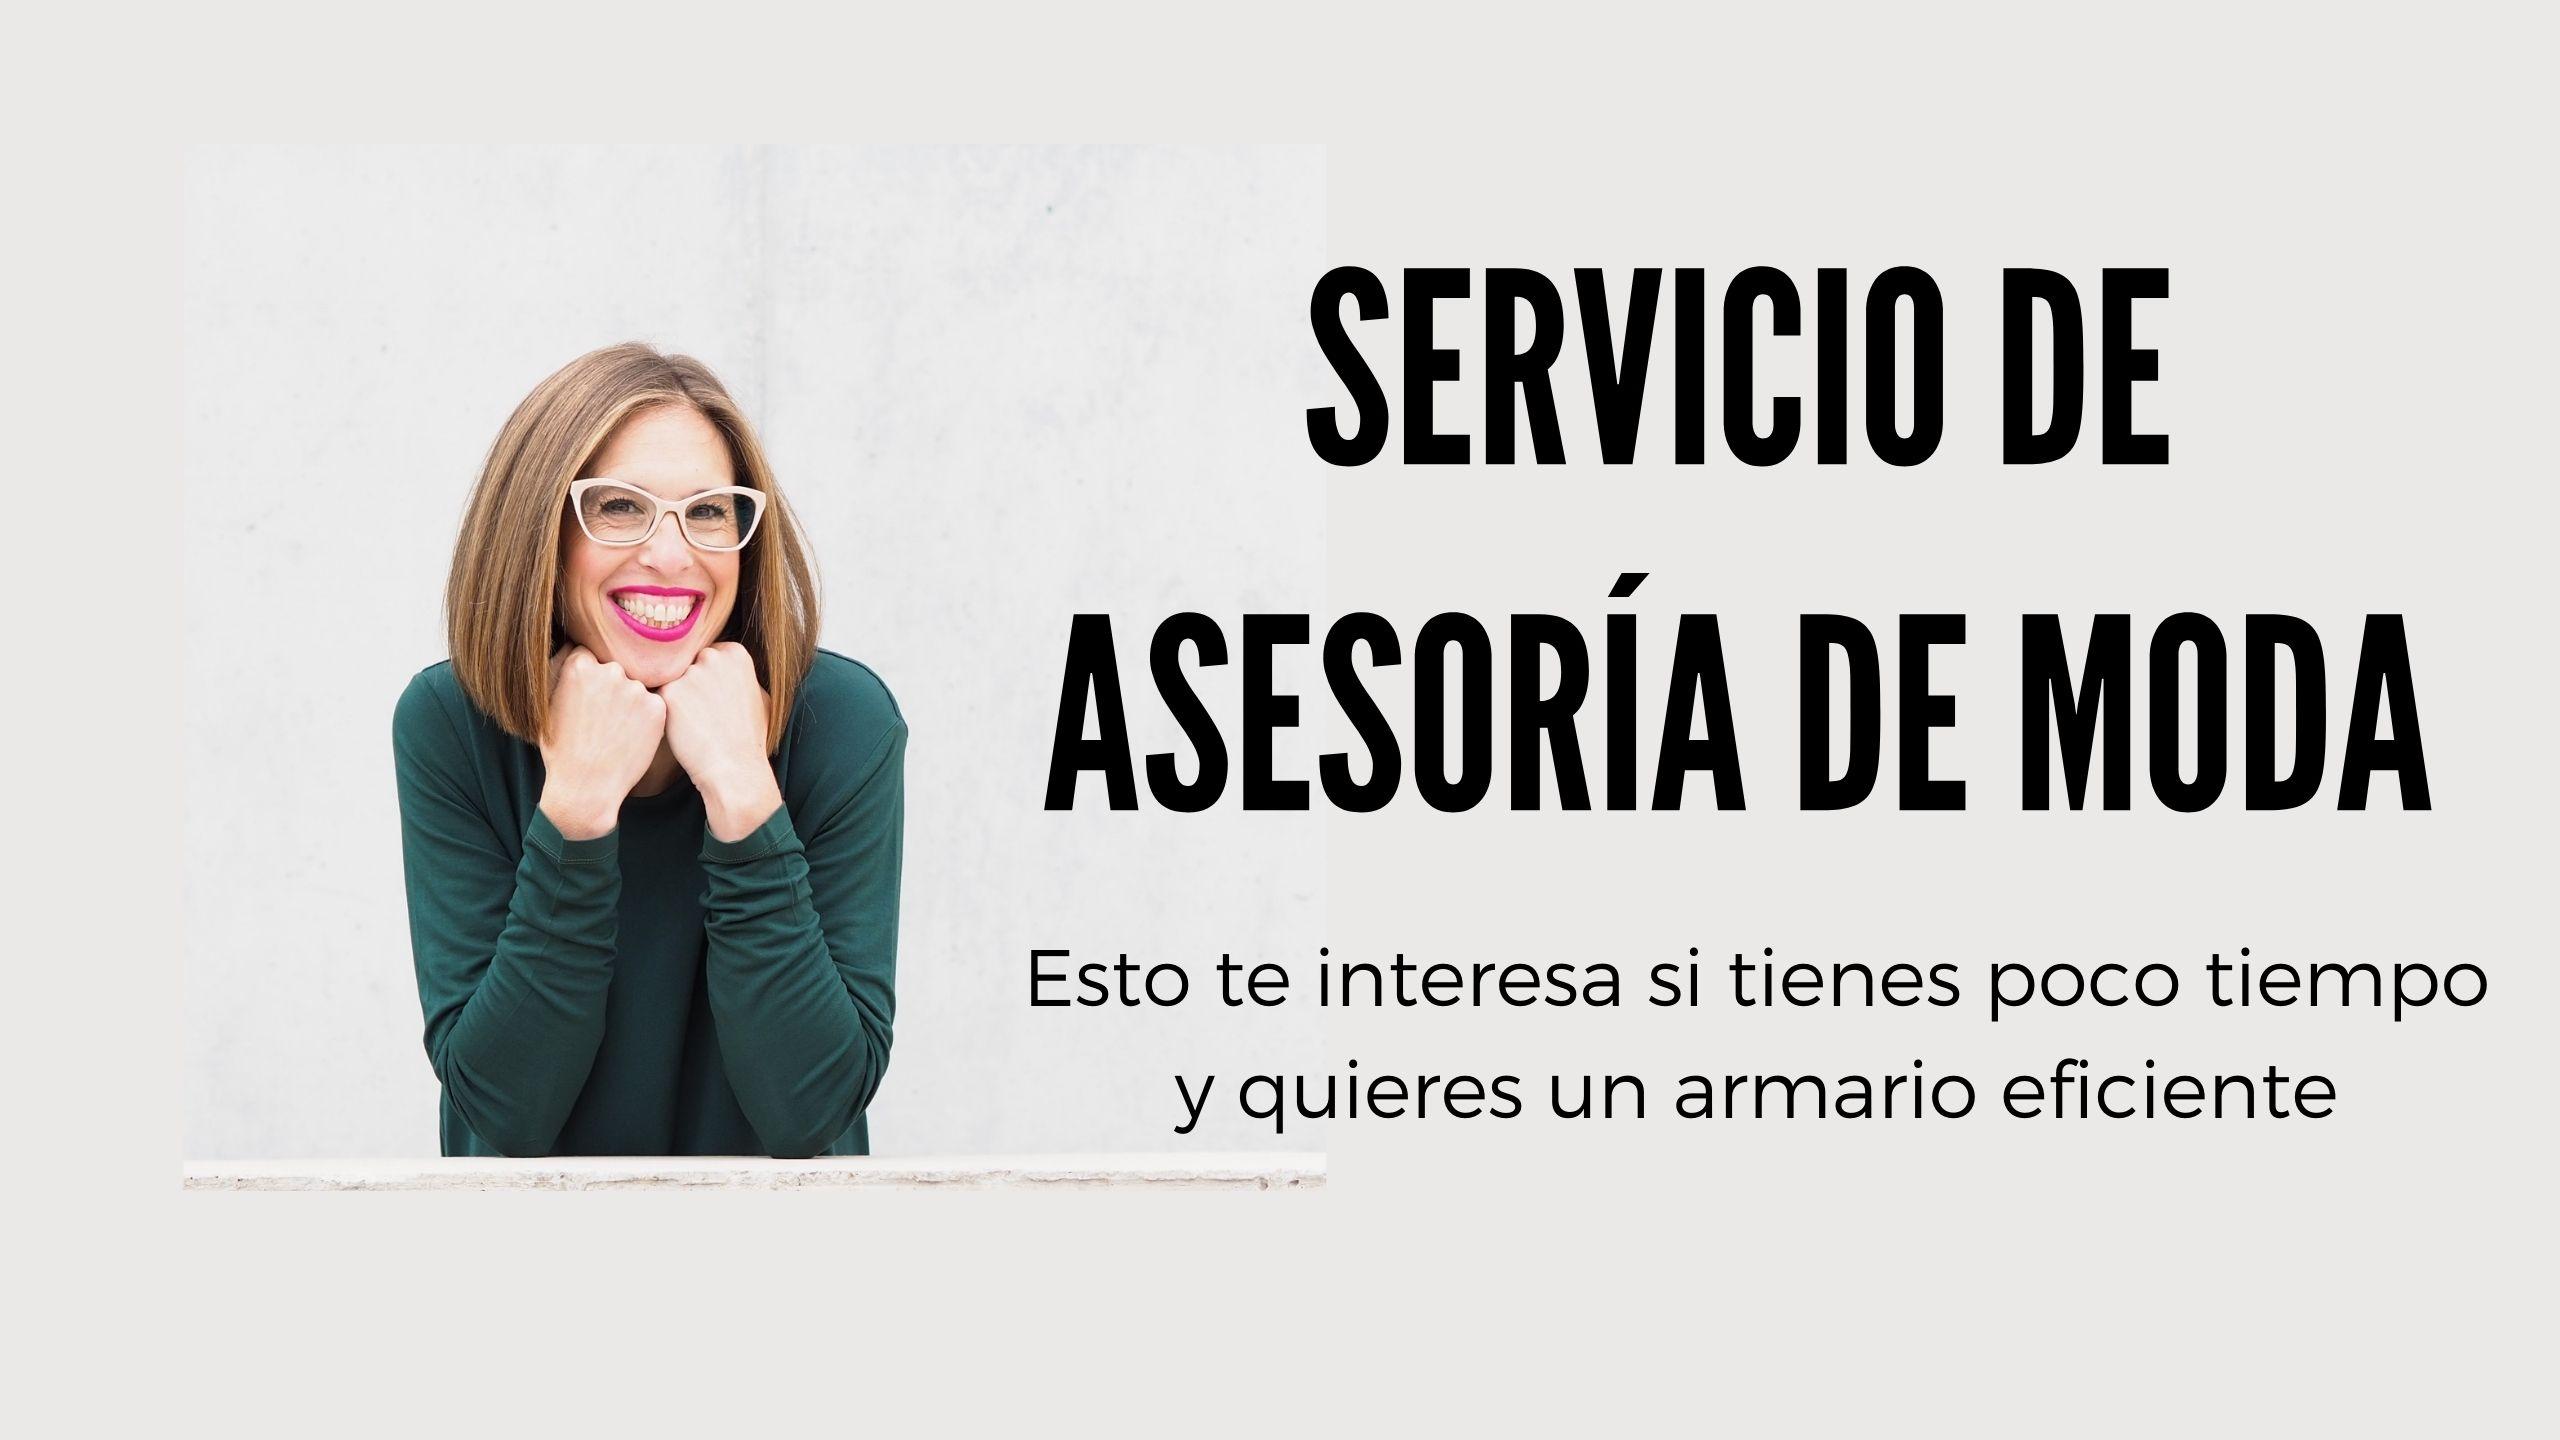 You are currently viewing SERVICIO DE ASESORÍA DE IMAGEN